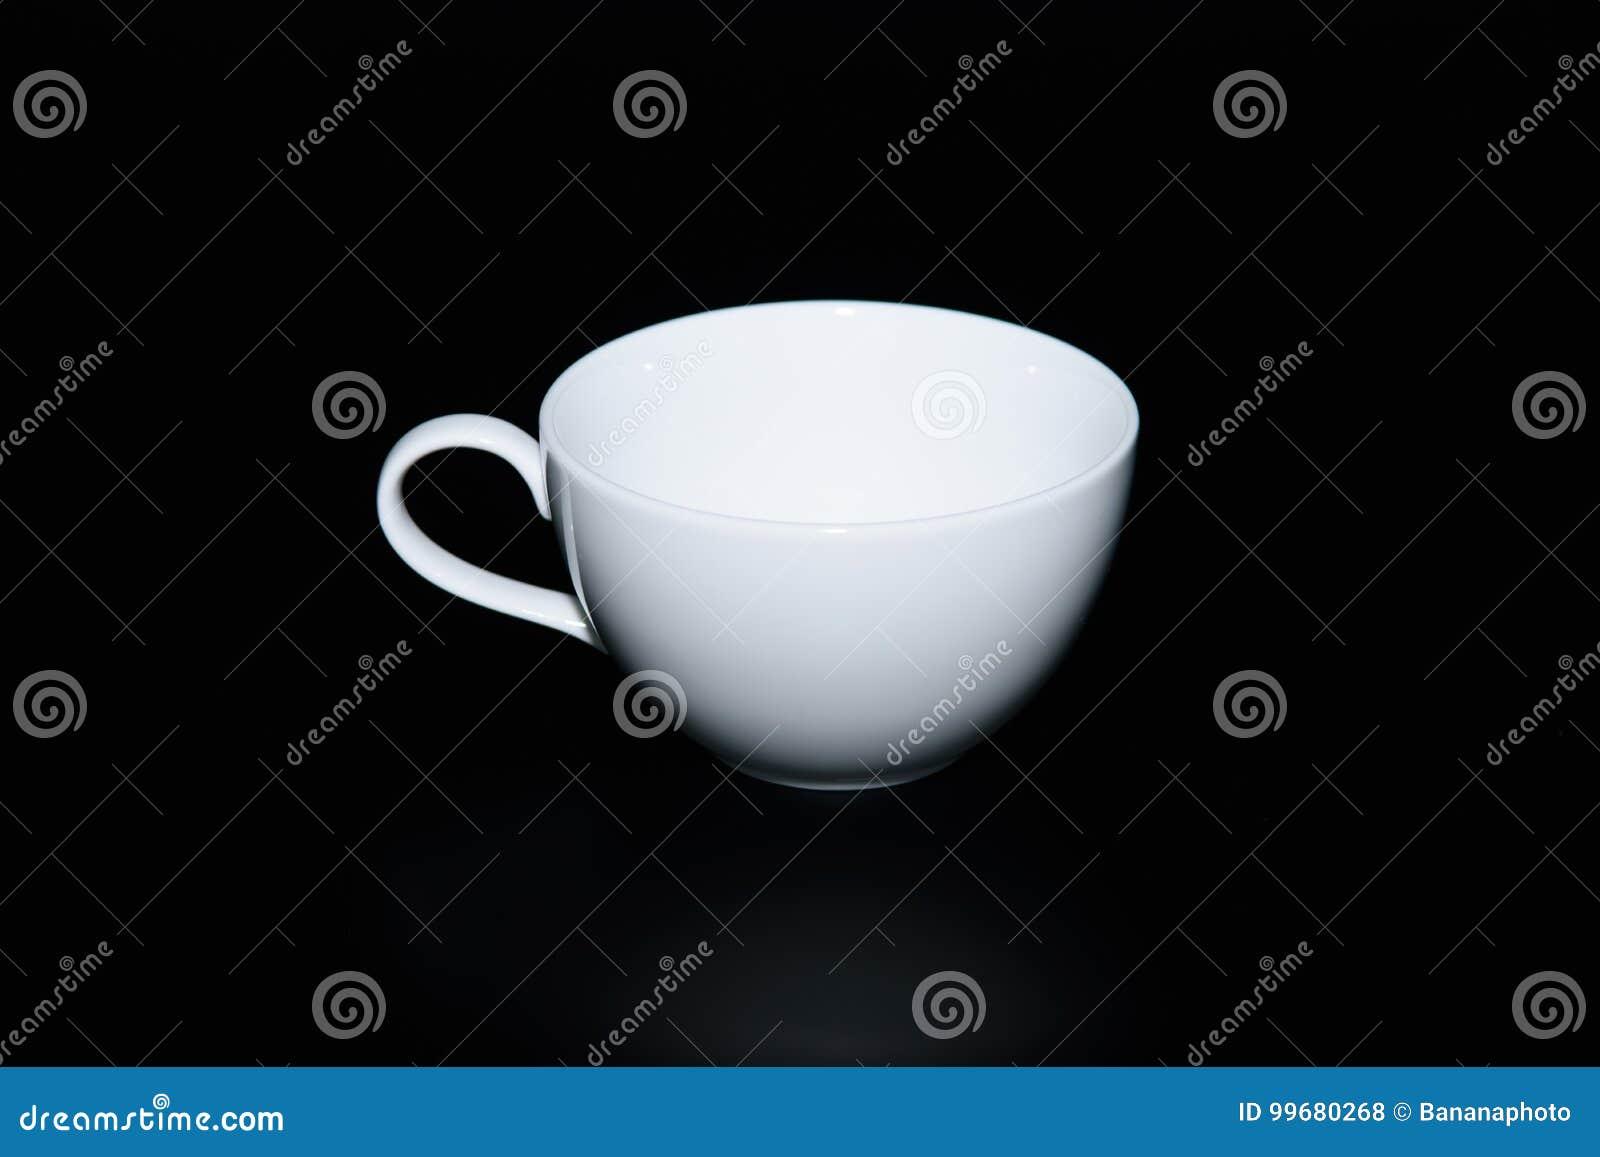 Taza vac a del caf con leche en fondo negro foto de for Capacidad taza cafe con leche